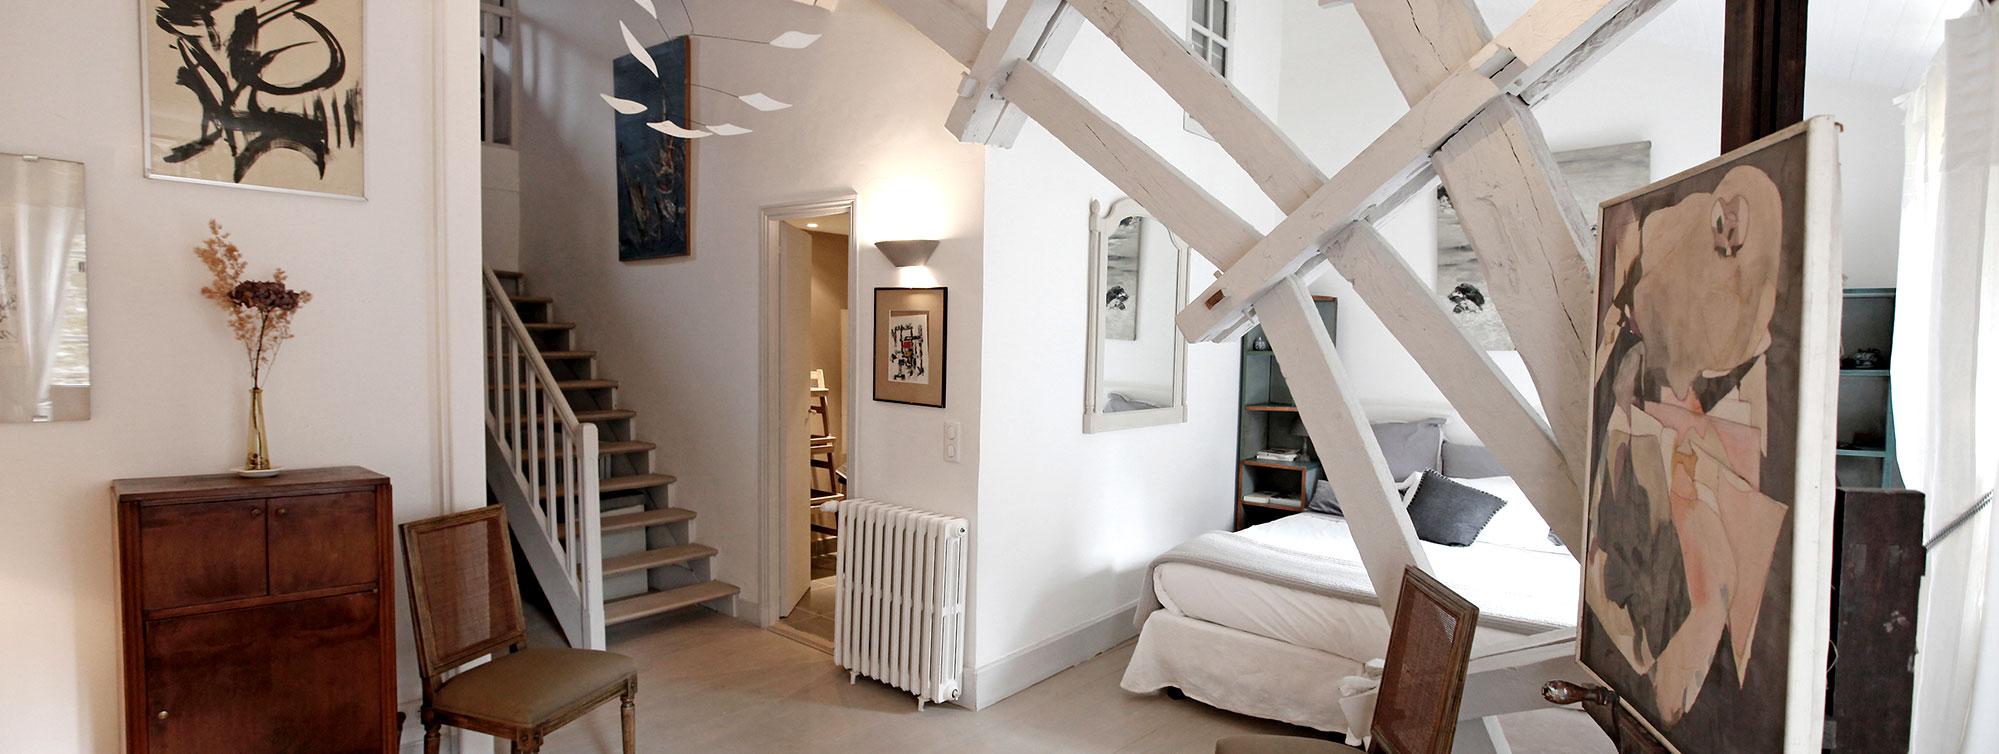 Atelier d'Artiste - Chambre d'hôte Chateau de Maumont ©J-D Guillou-Chateau de Maumont